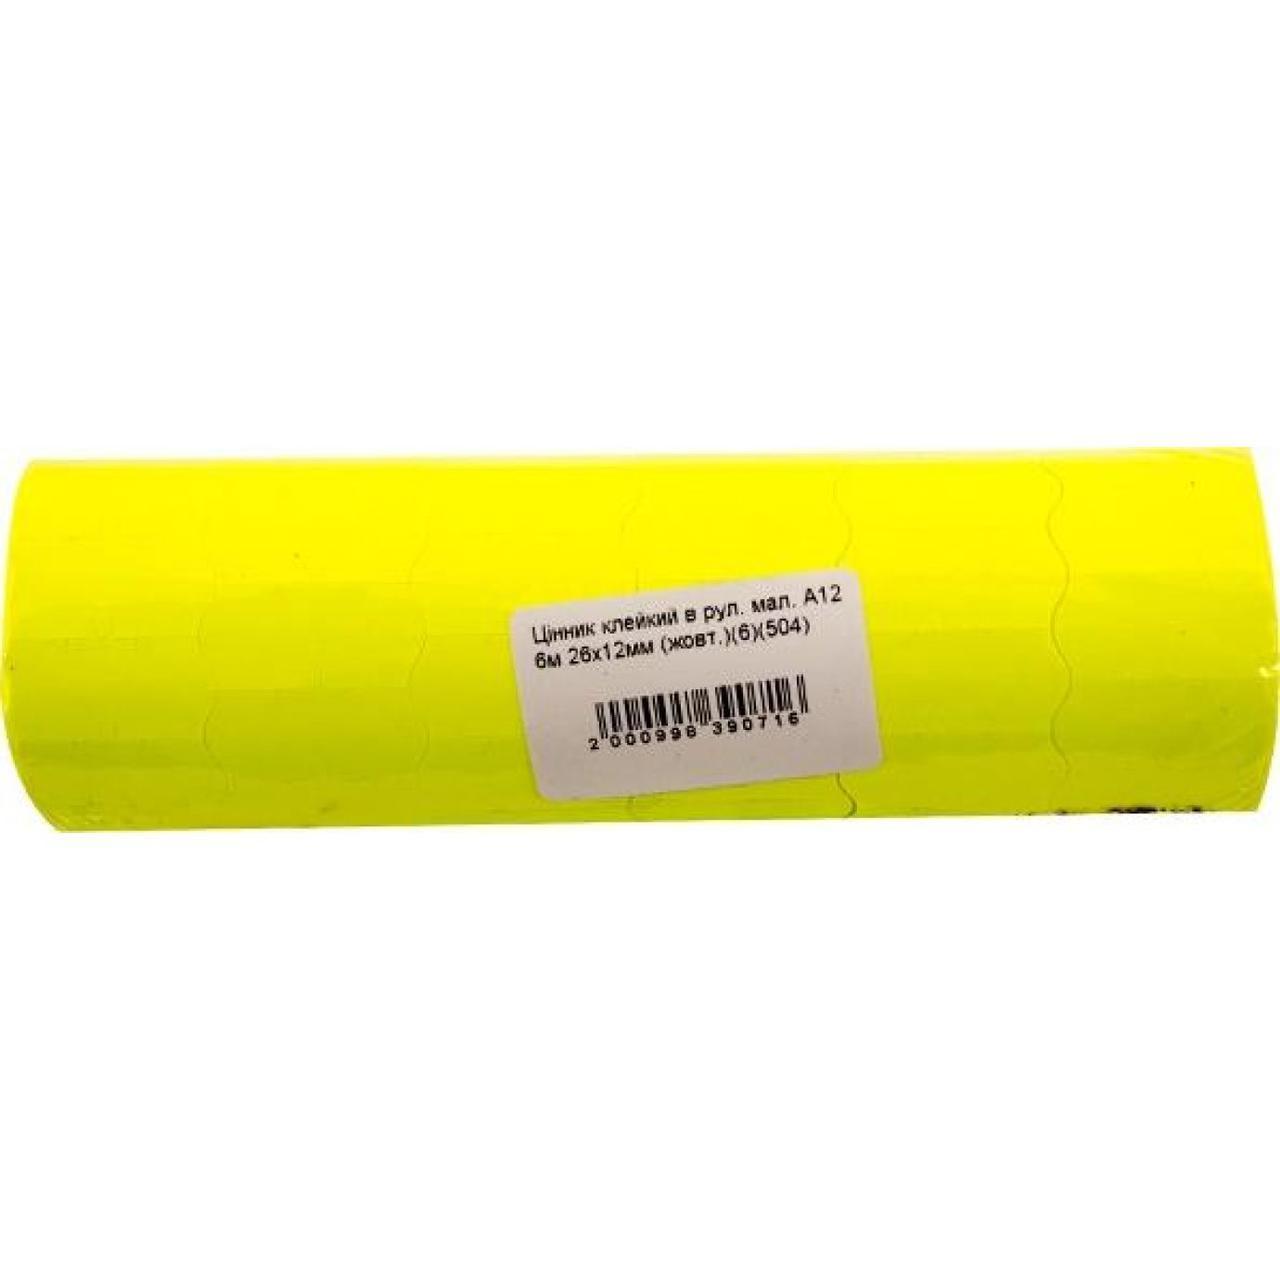 Ценник клейкий в рулоне маленький А12 6м 26х12мм желтый (6) (504)